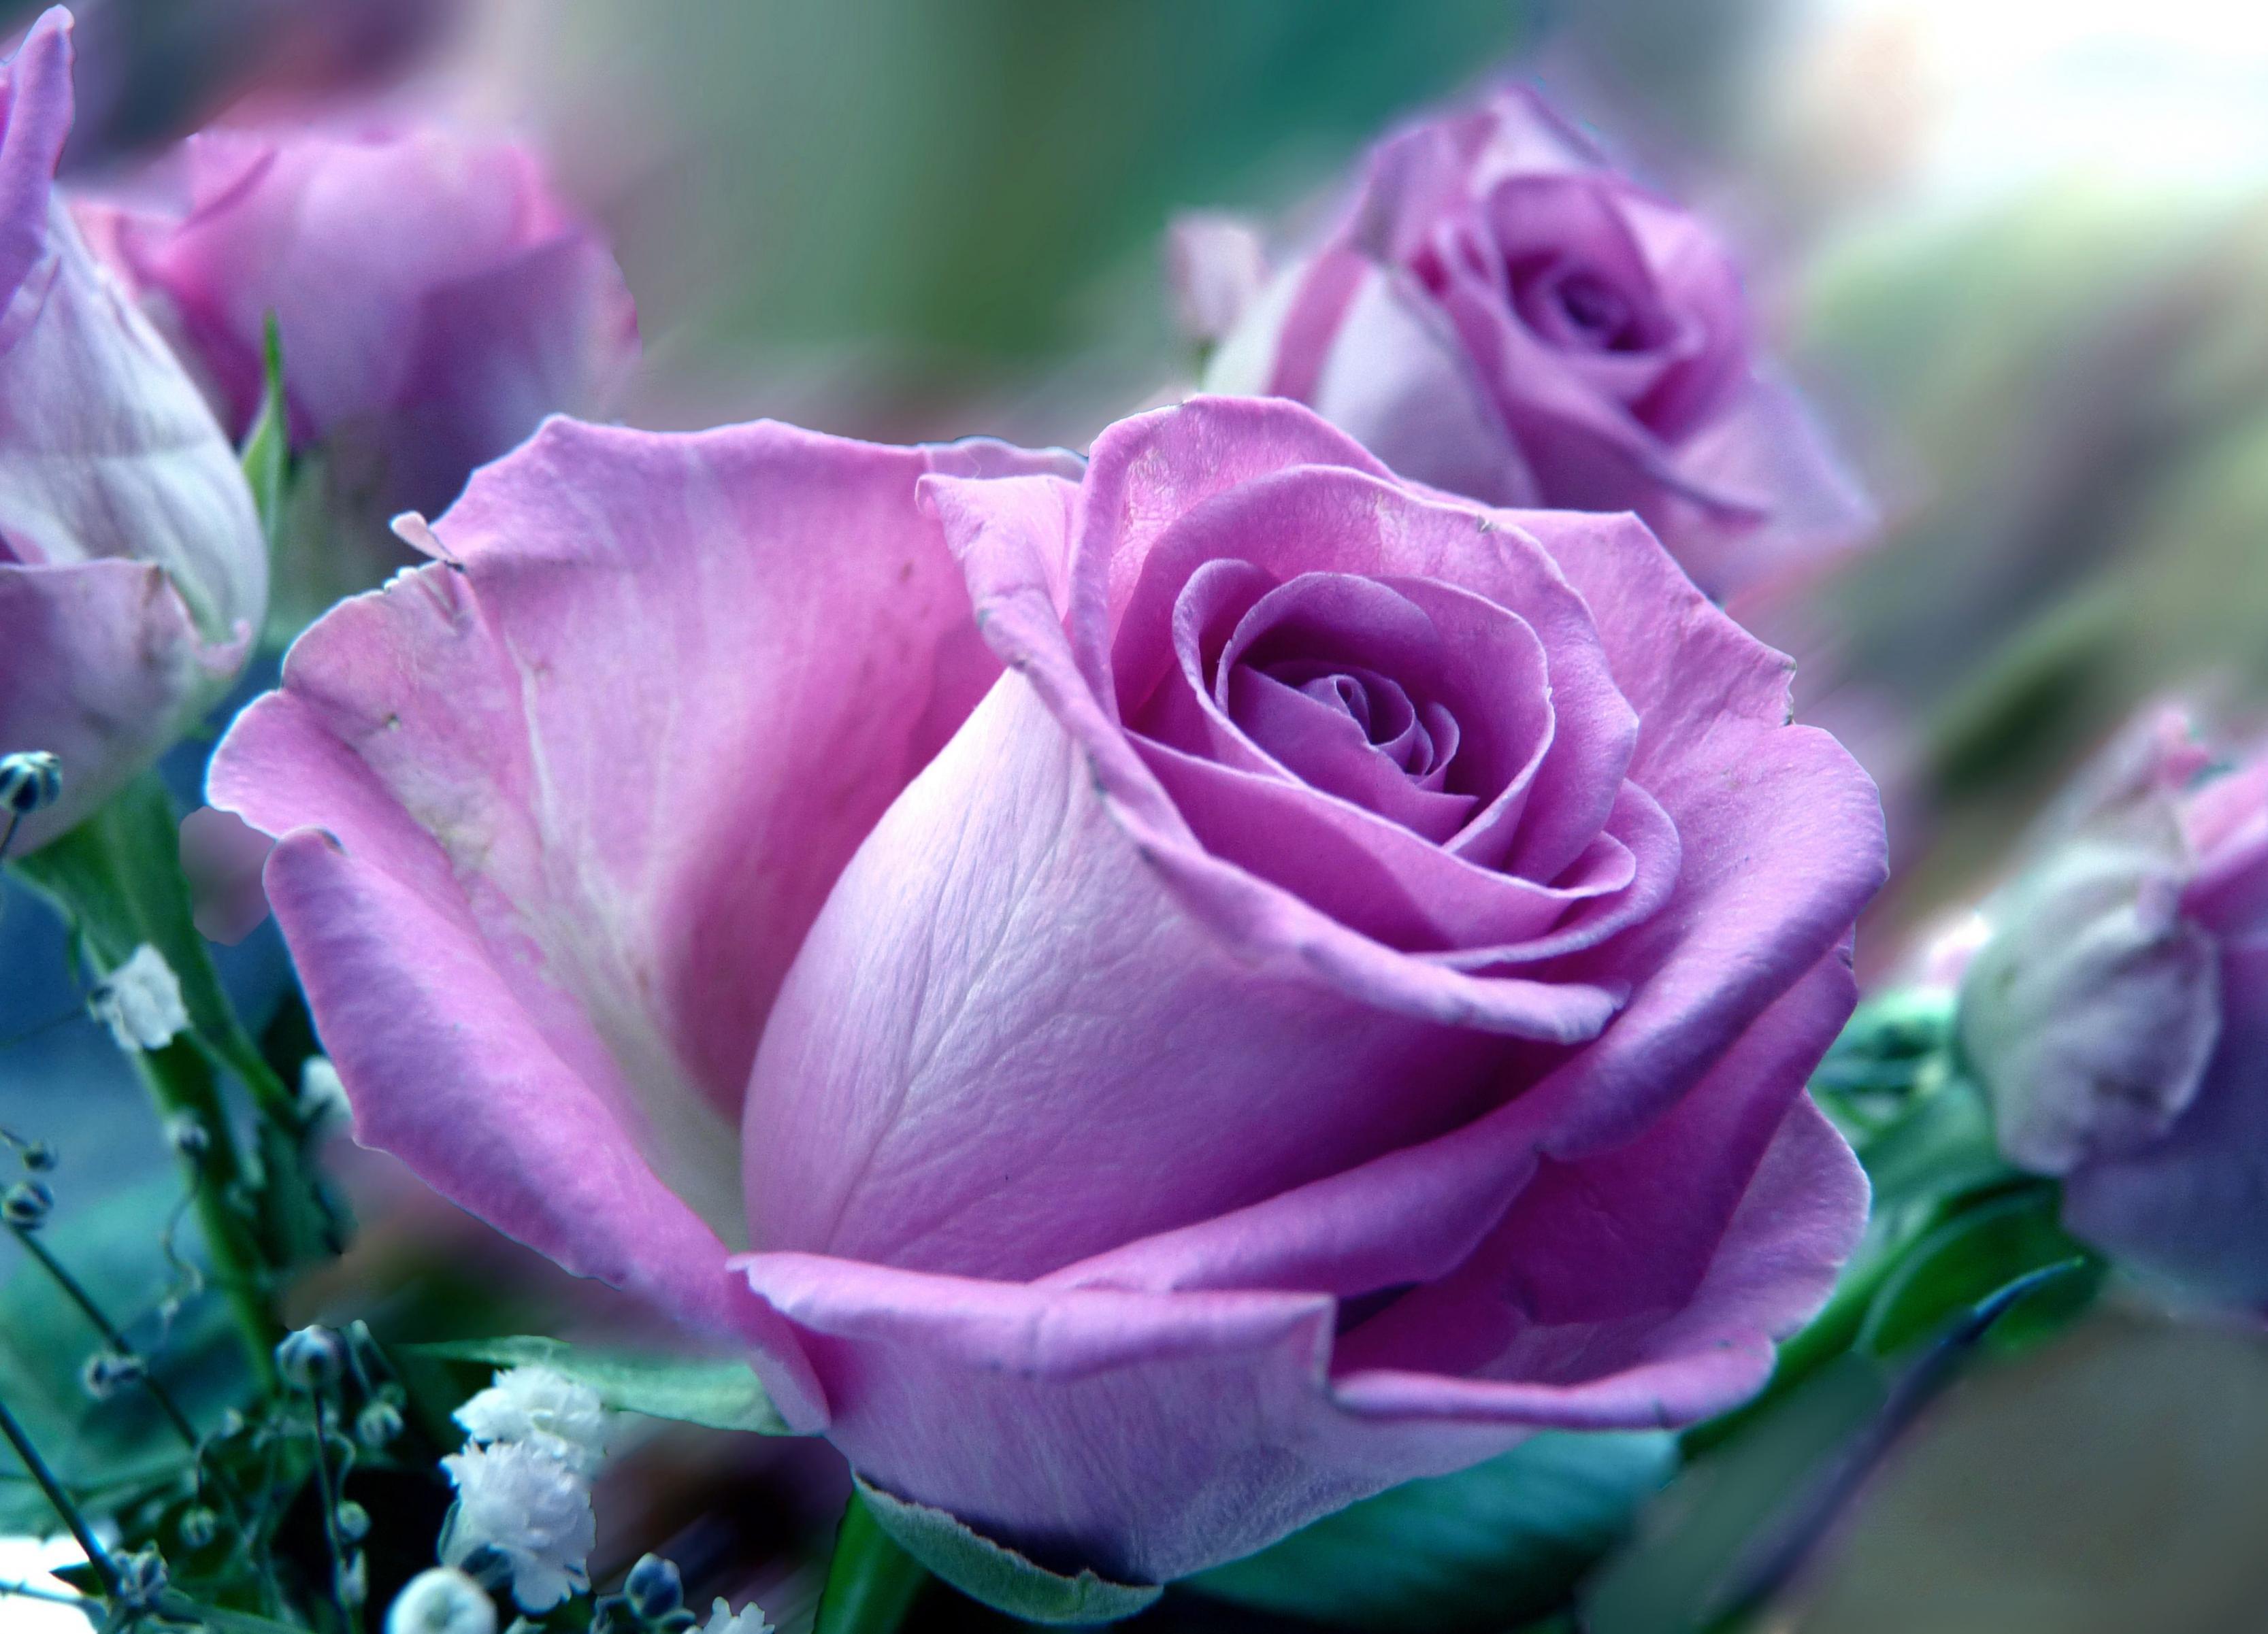 بالصور اجمل وردة في العالم , ماهى انواع الورد 5216 8